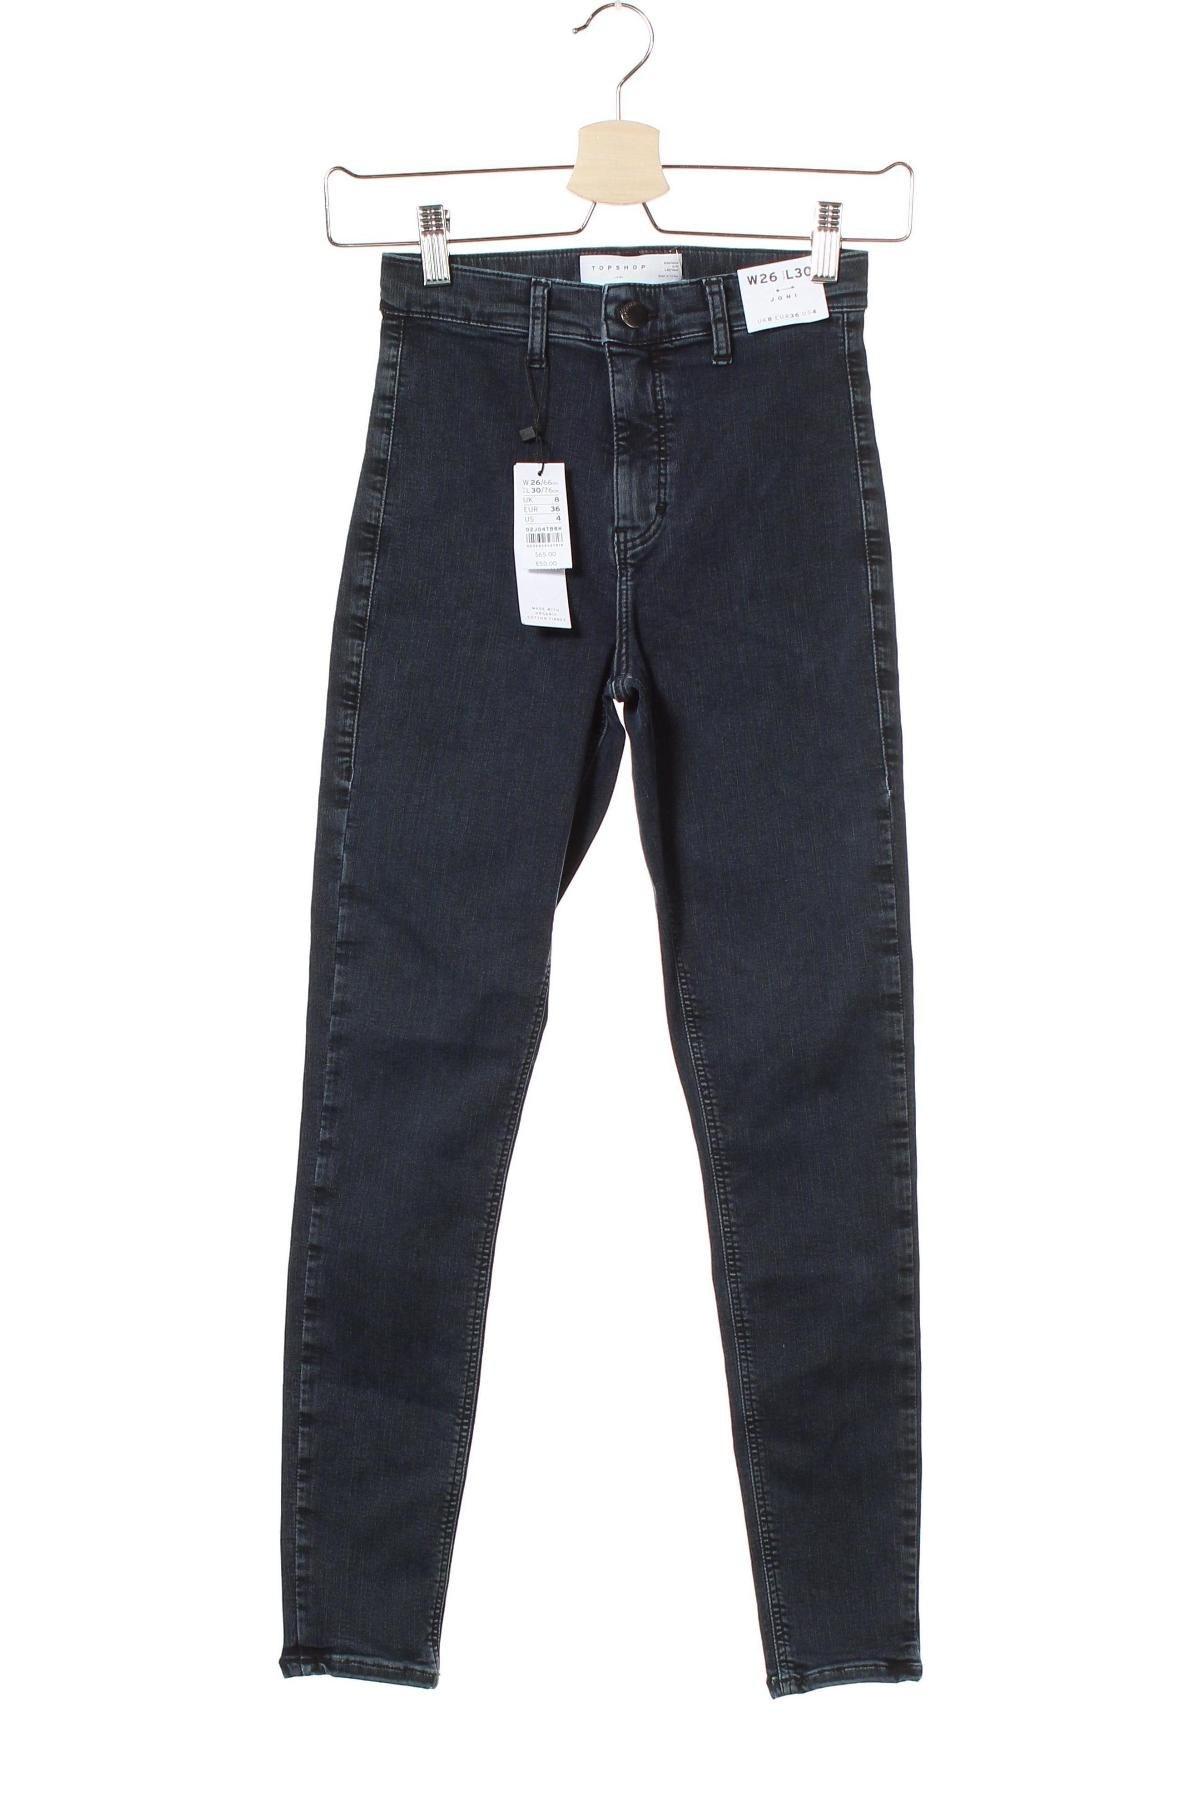 Дамски дънки Topshop, Размер S, Цвят Син, 72% памук, 24% полиестер, 4% еластан, Цена 66,75лв.